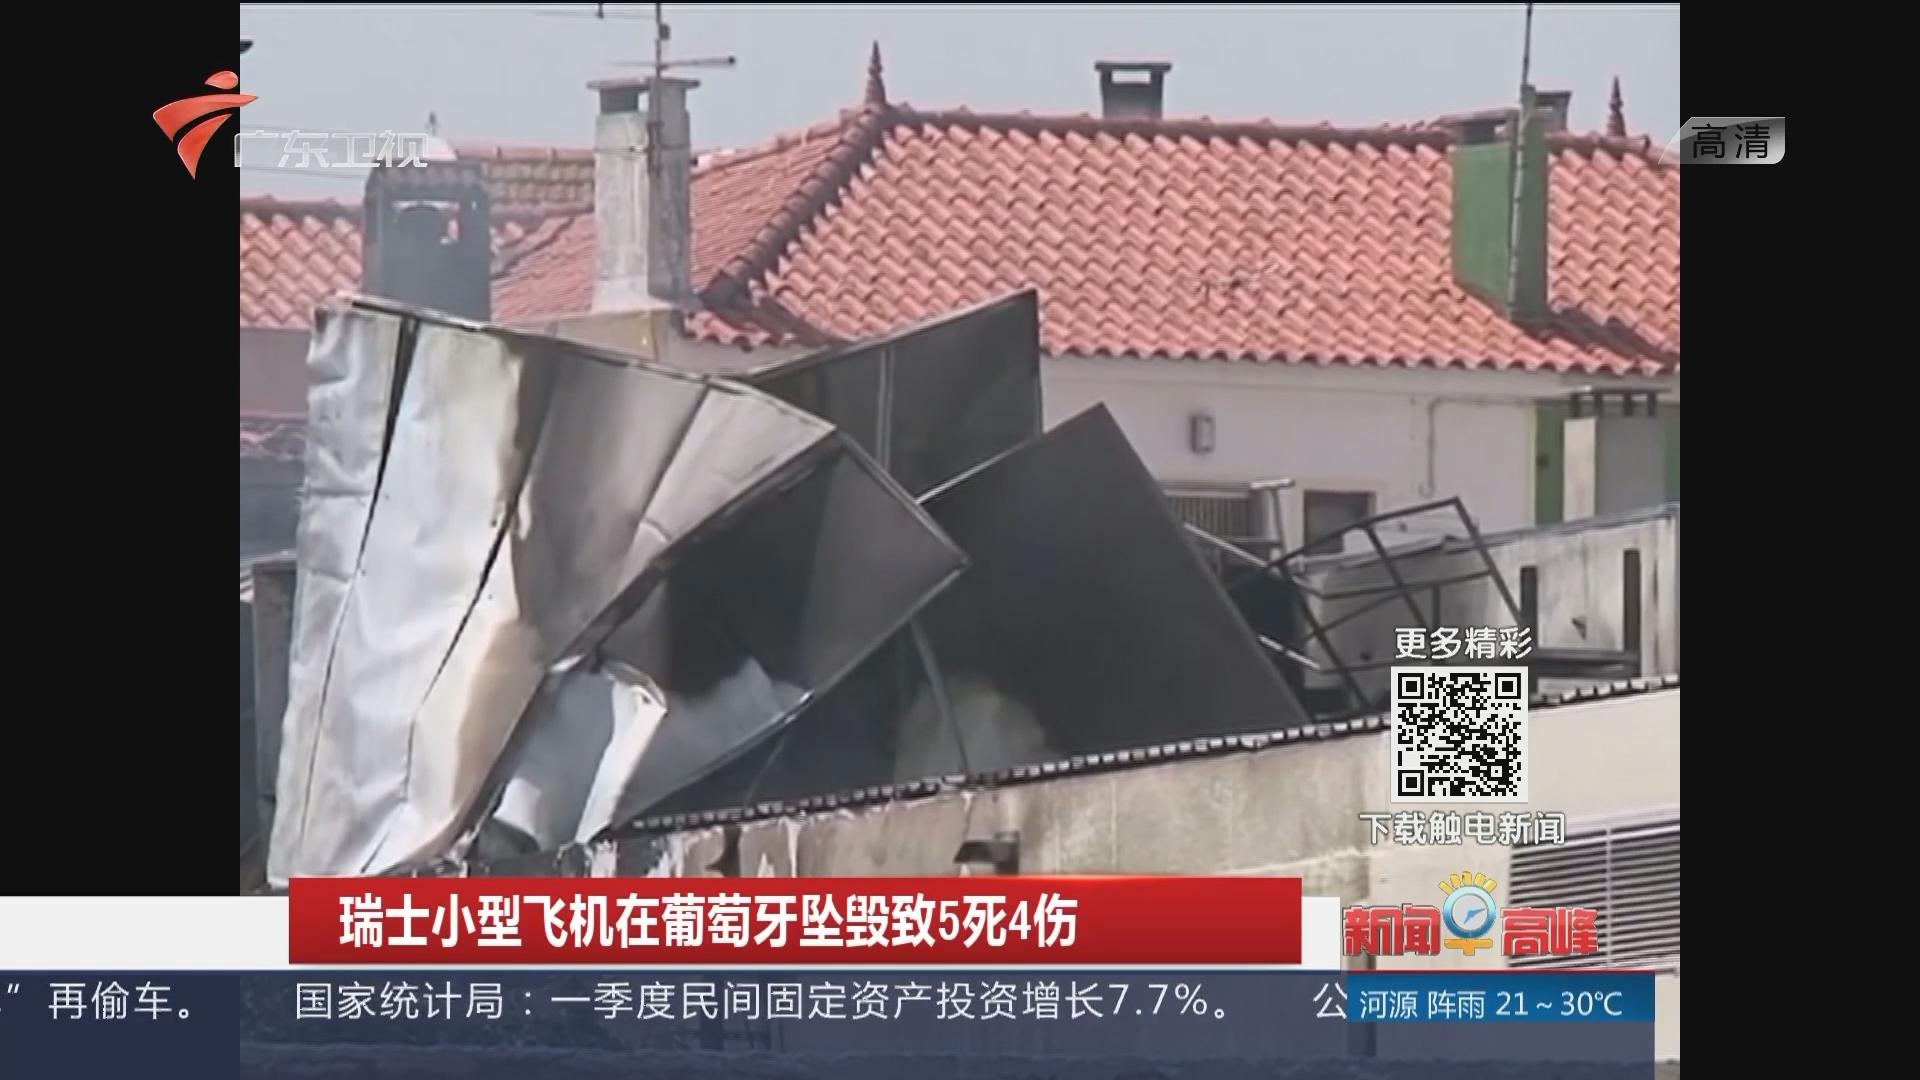 瑞士小型飞机在葡萄牙坠毁致5死4伤